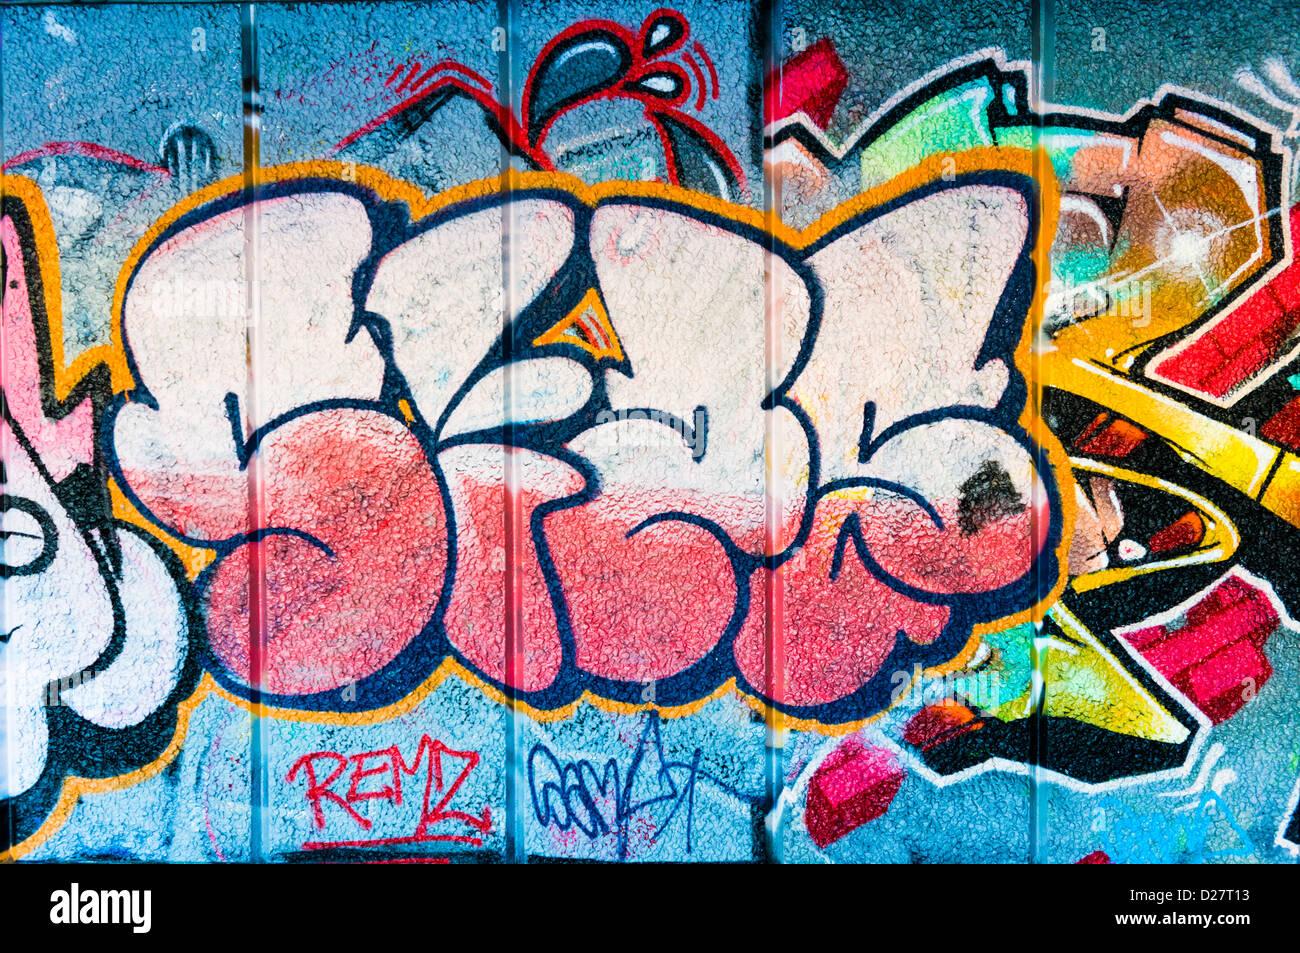 Graffiti street art tag su un muro, REGNO UNITO Immagini Stock